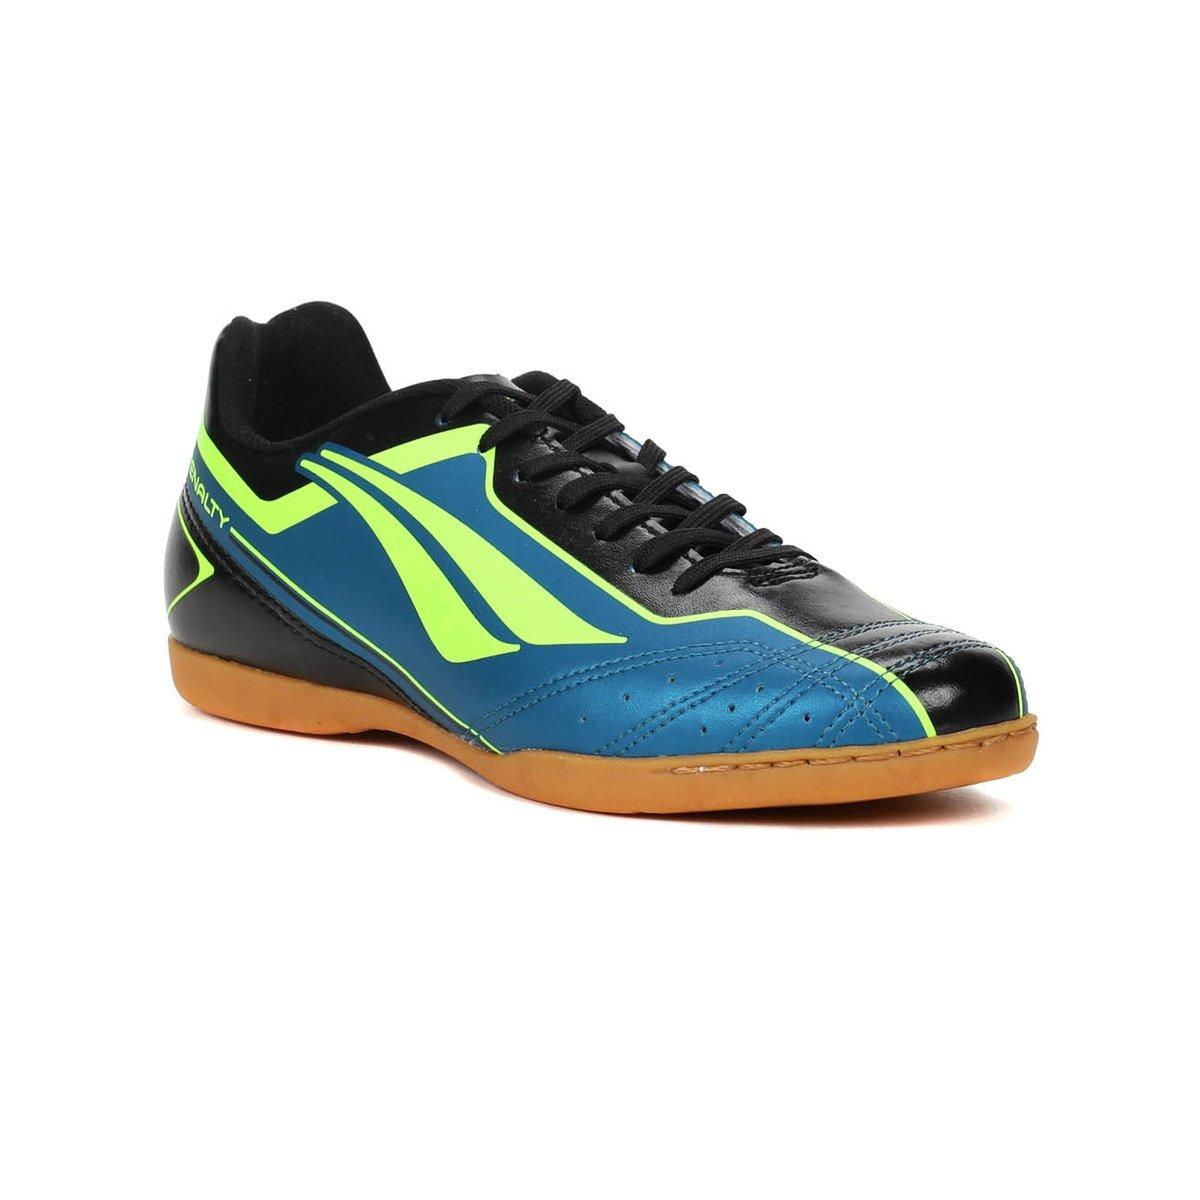 Tênis Futsal Penalty Matis VI Indoor Penalty - Compre Agora  dbf10ec590a1a